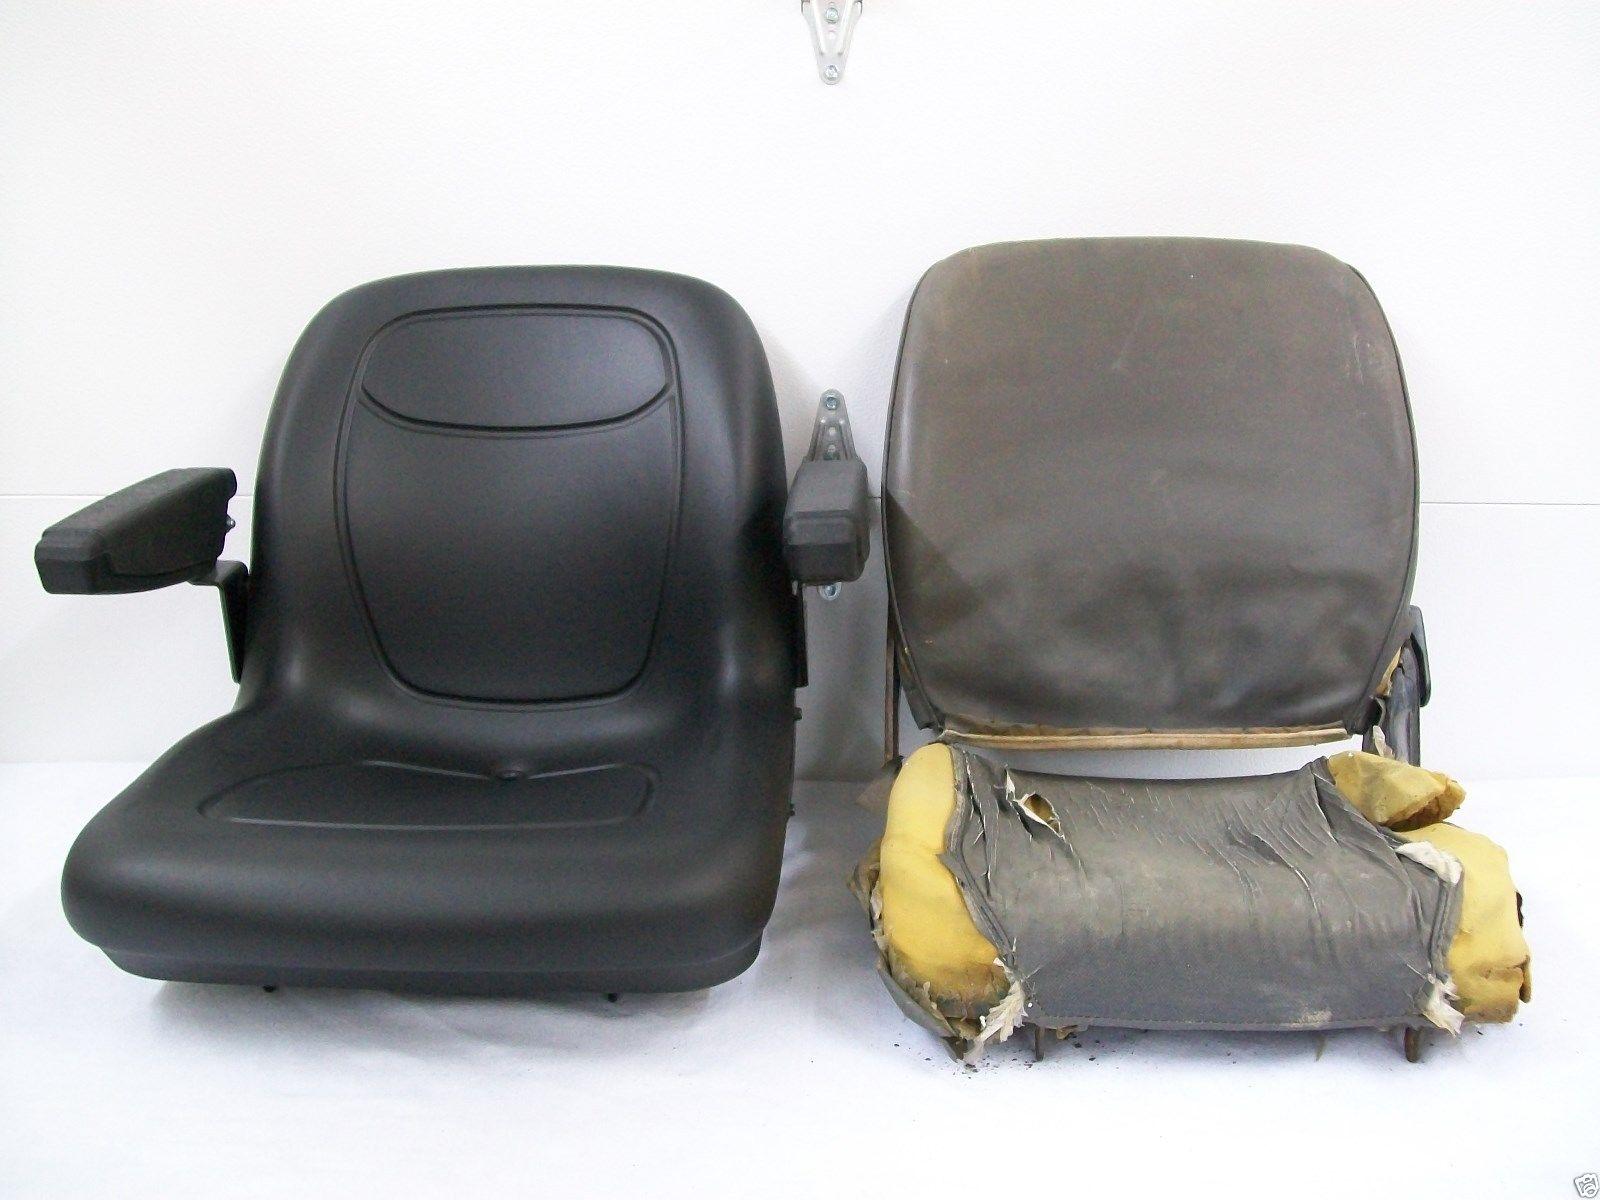 black seat kubota l3010 l3410 l3710 l4310 l4610 compact black seat kubota l3010l3410l3710l4310l4610 compact tractorl48 backhoe kk